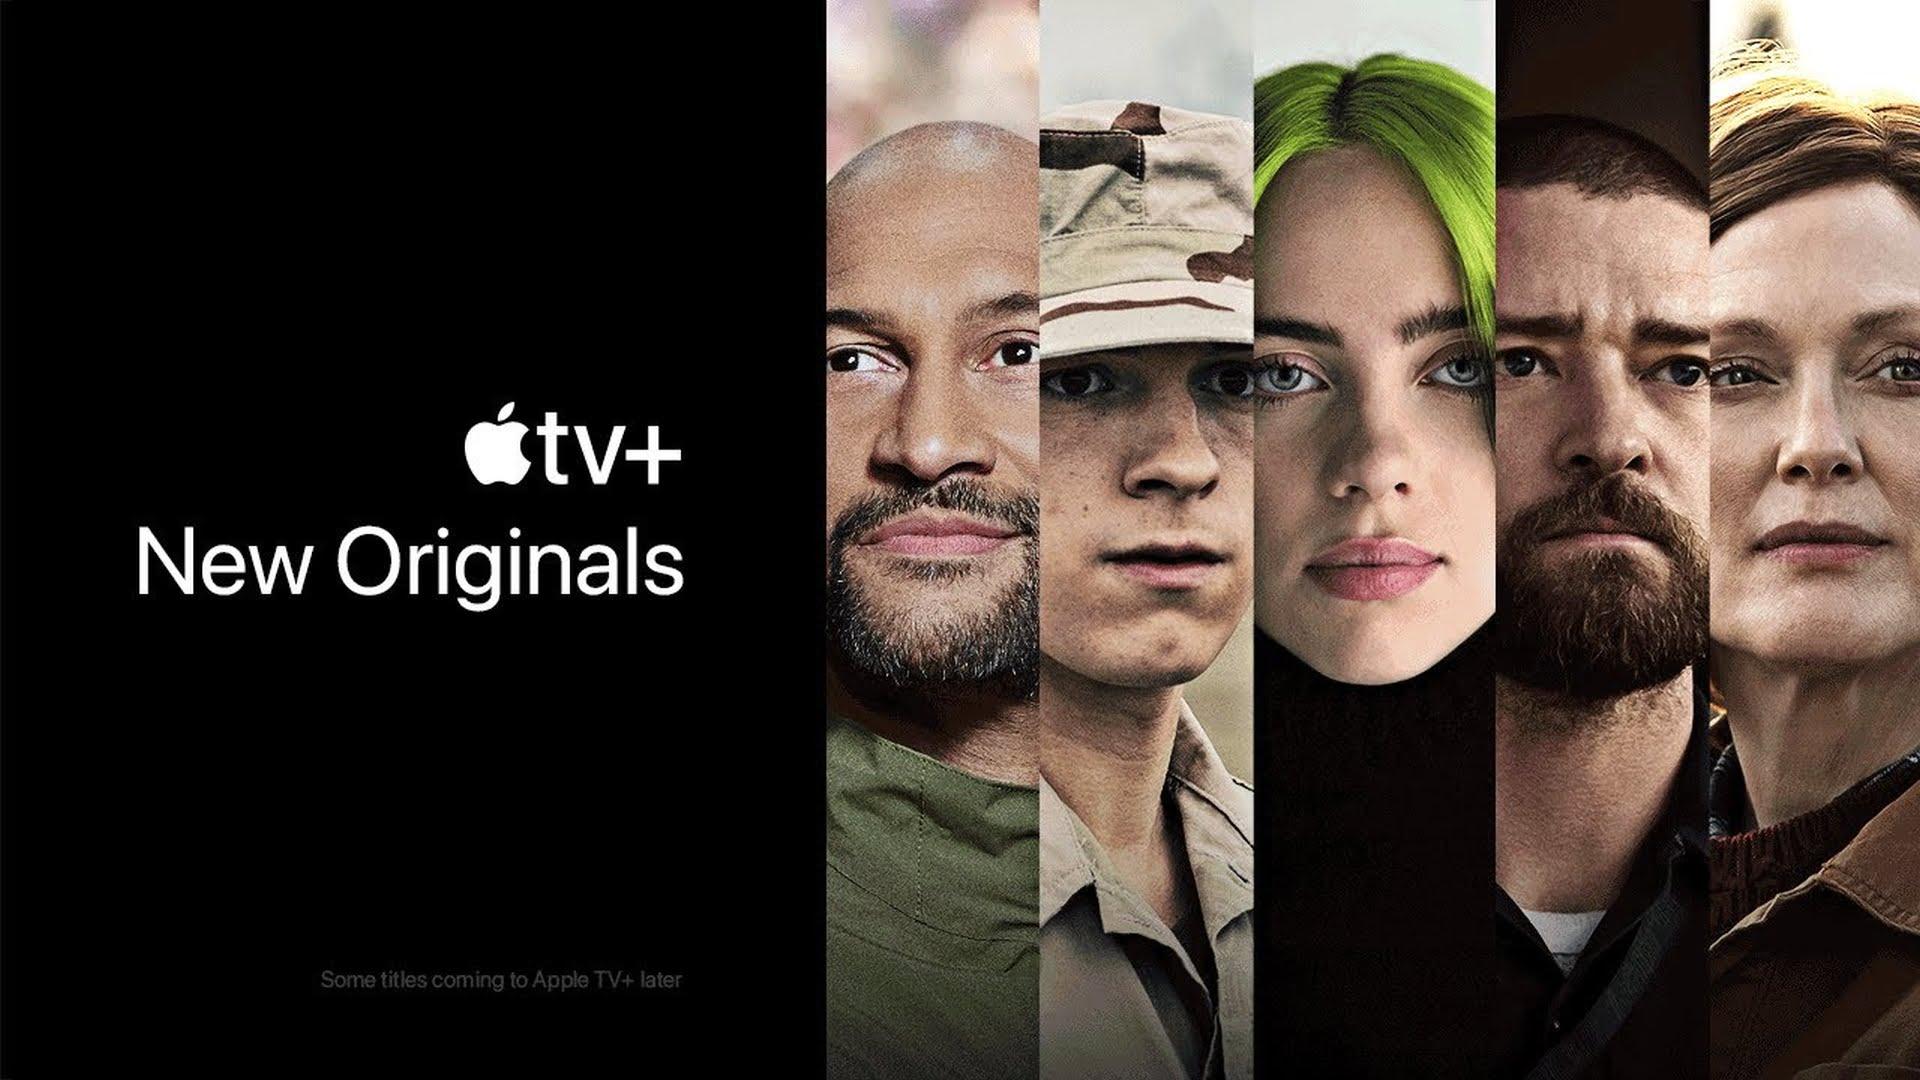 Reklama Apple TV+ prezentująca nowe seriale i filmy w 2021 roku